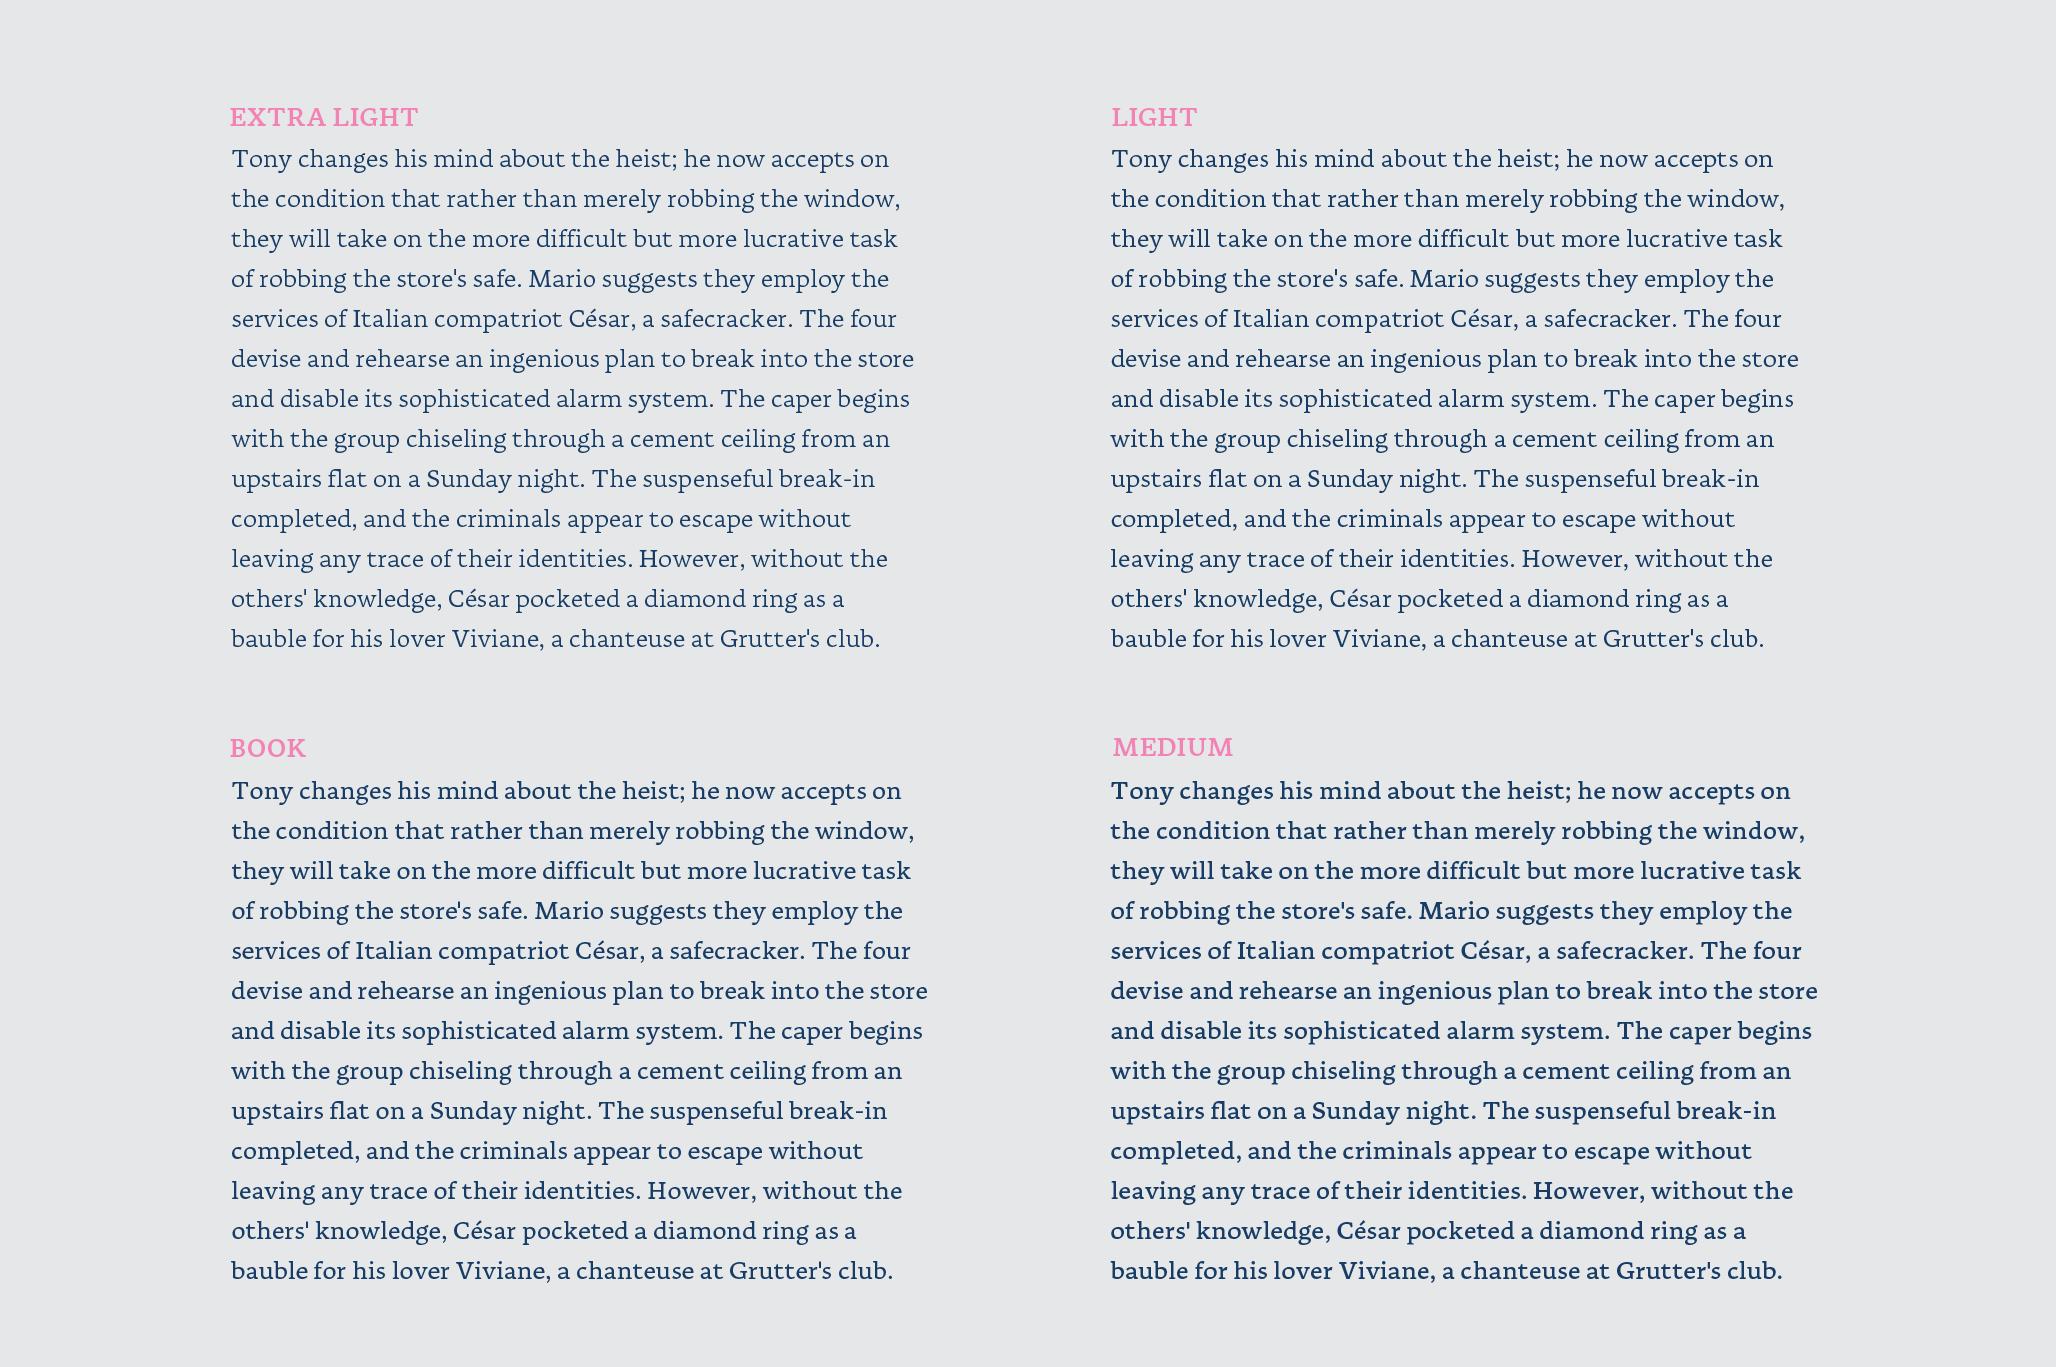 auteur-paragraphs1-3